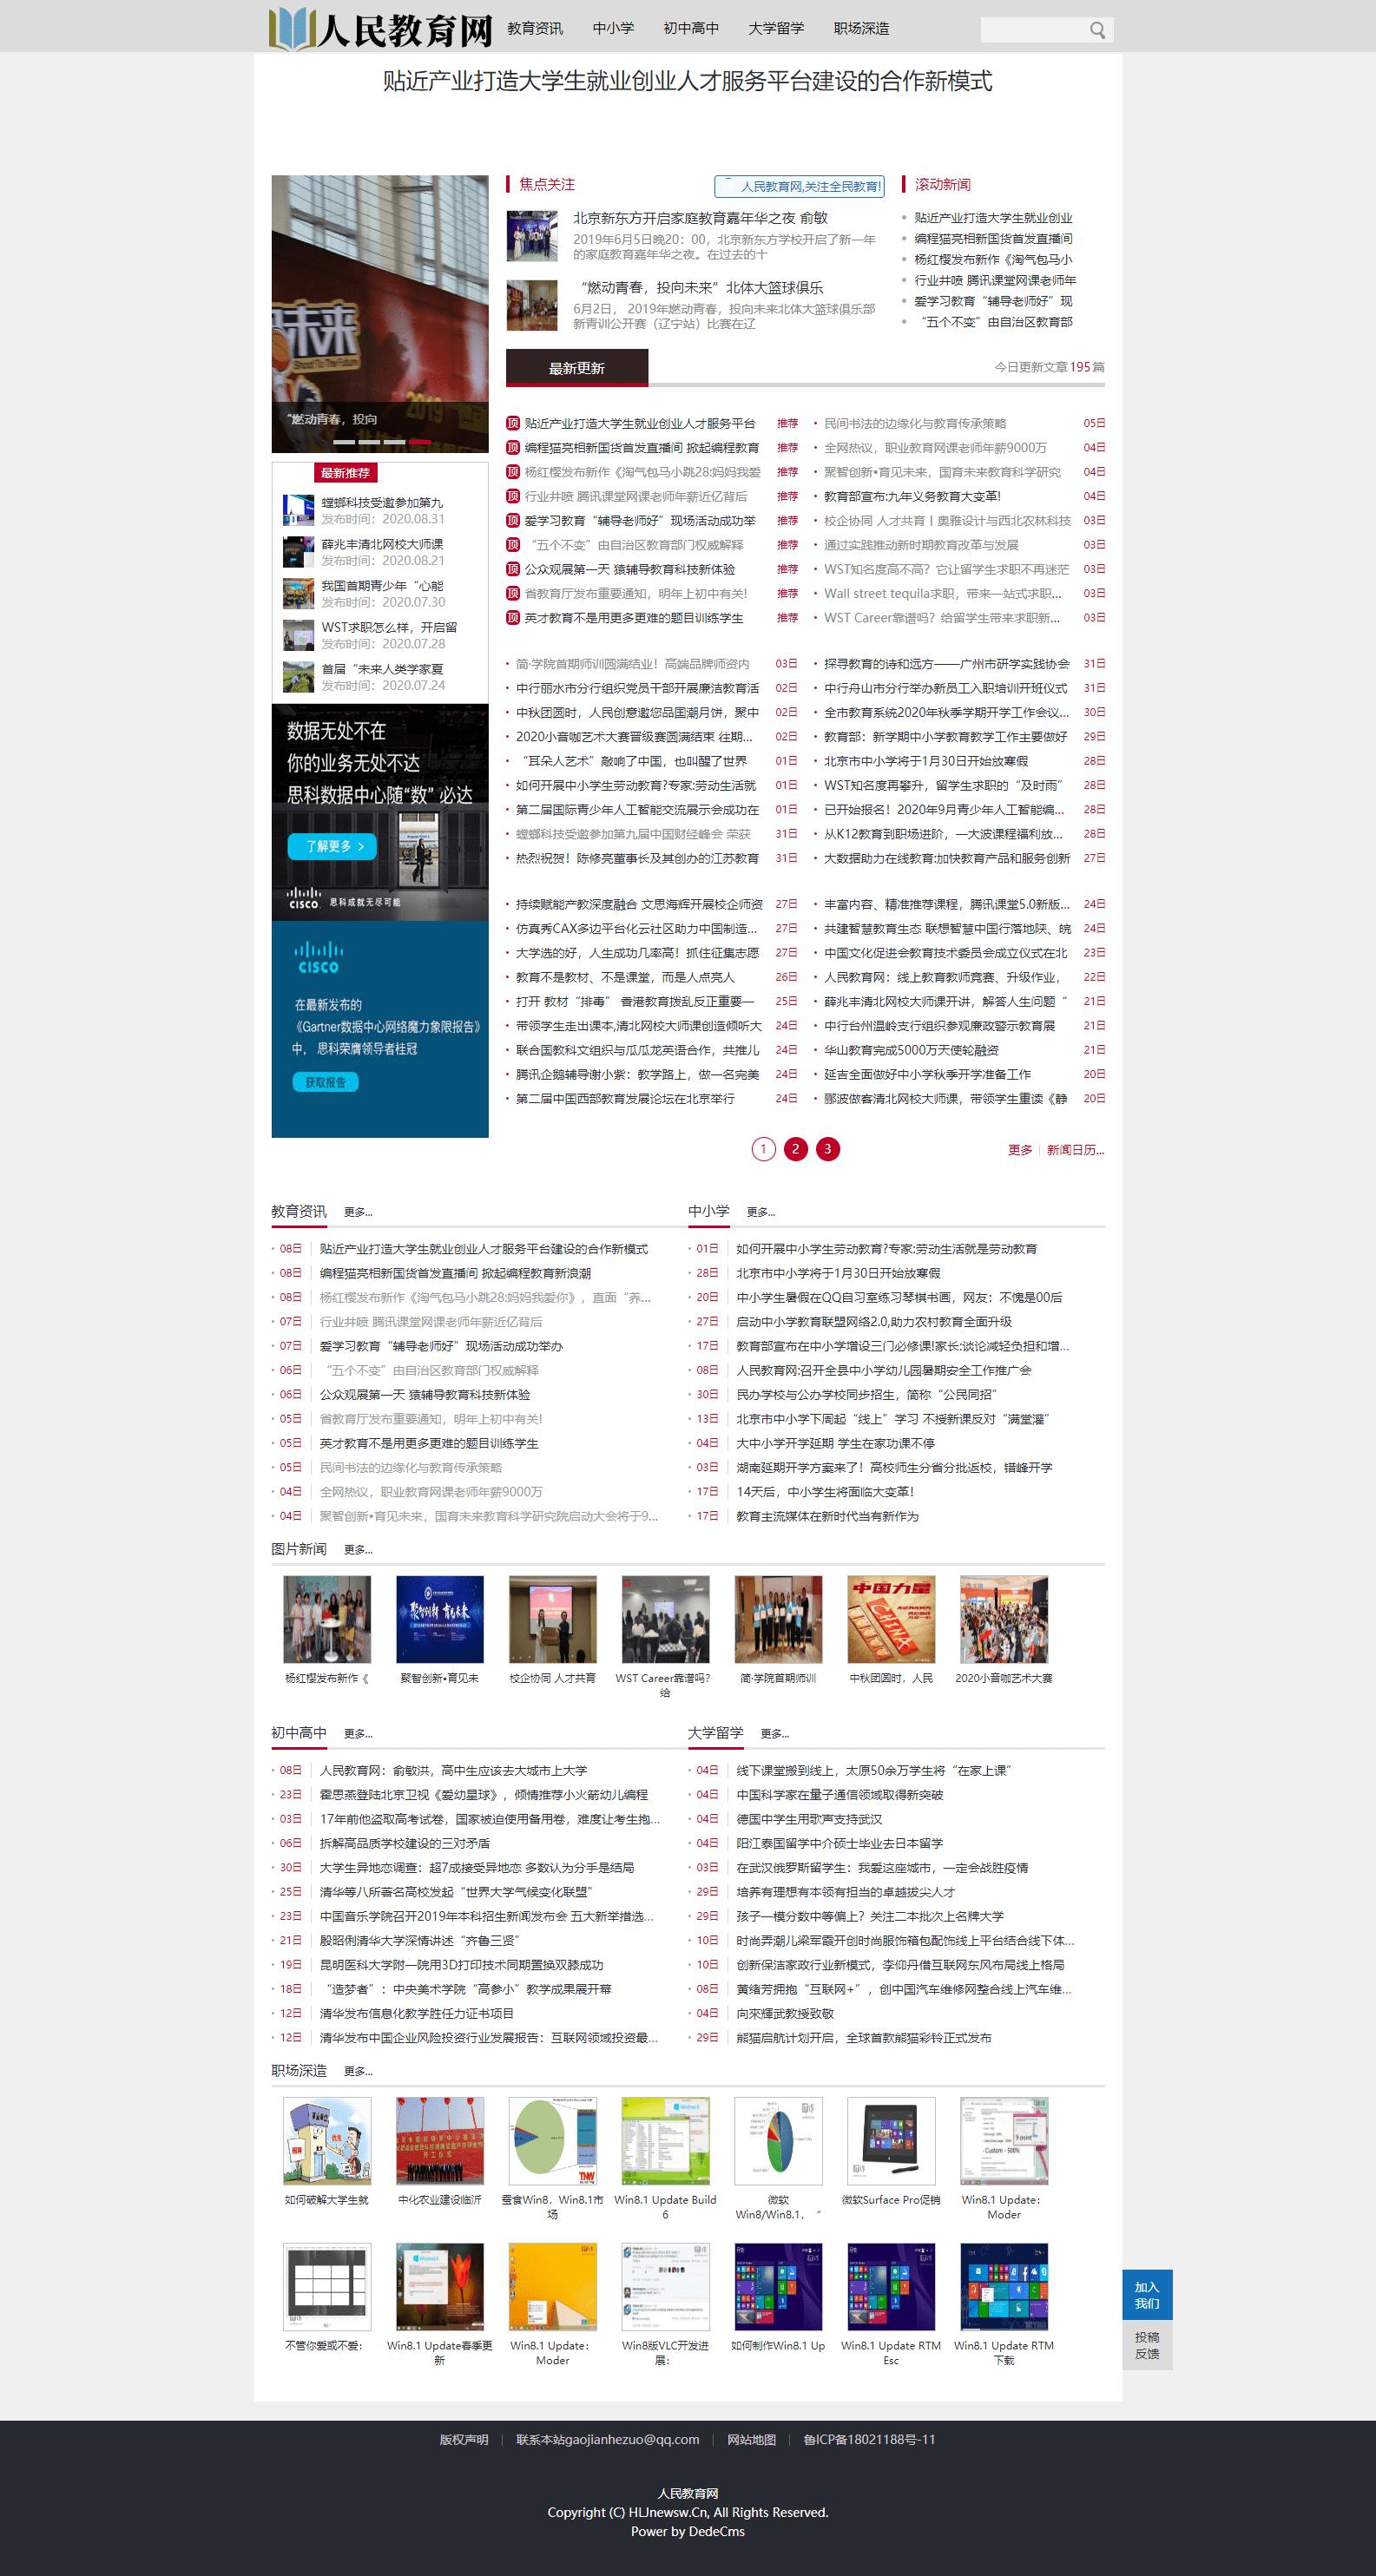 人民教育网首页